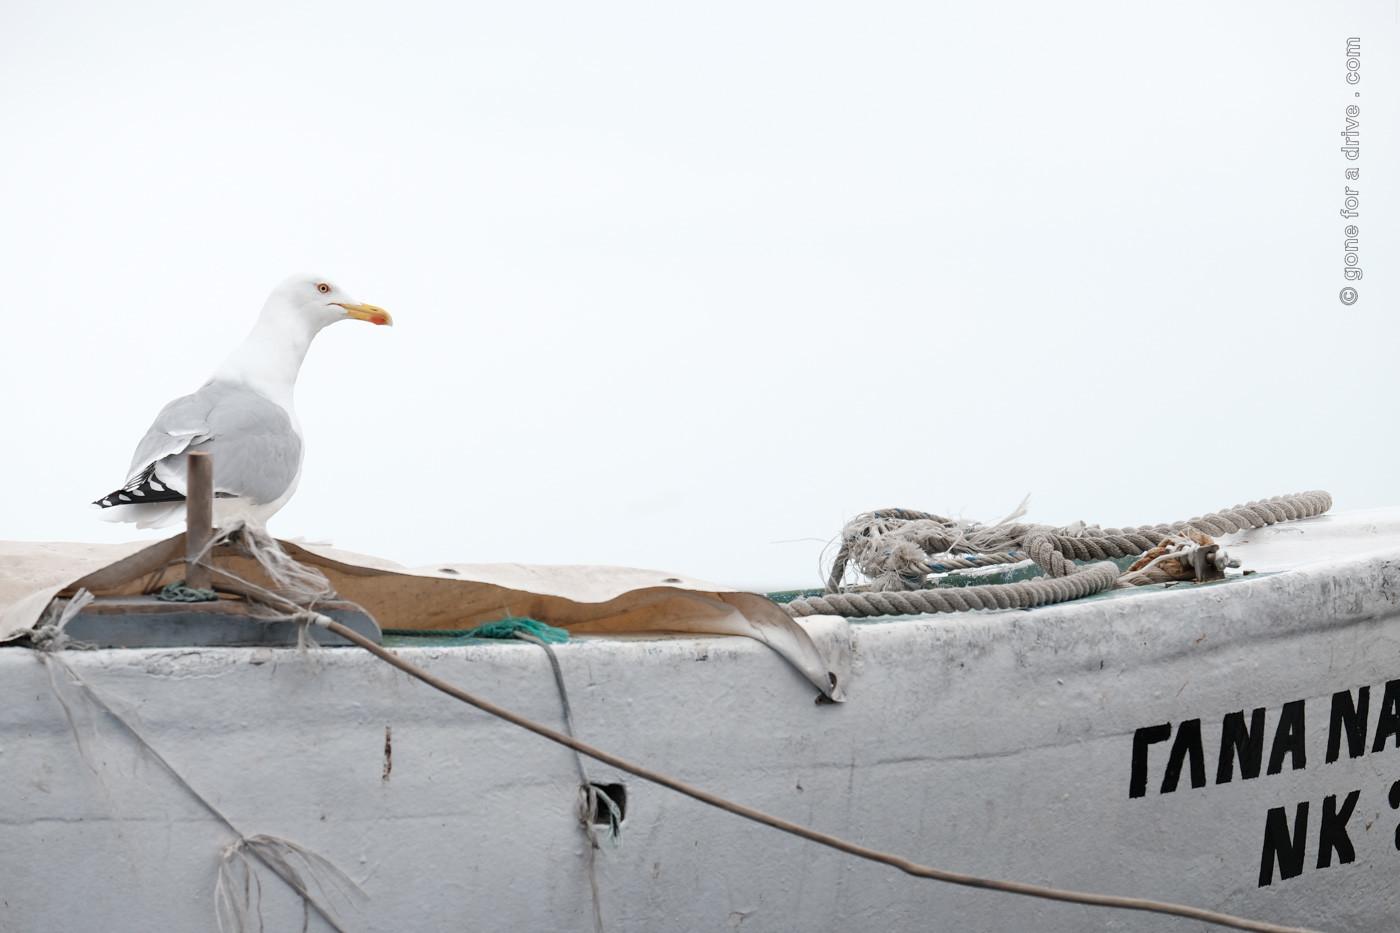 Möwe auf einem weißen Boot vor weißem Himmel. In Kavala, Griechenland.